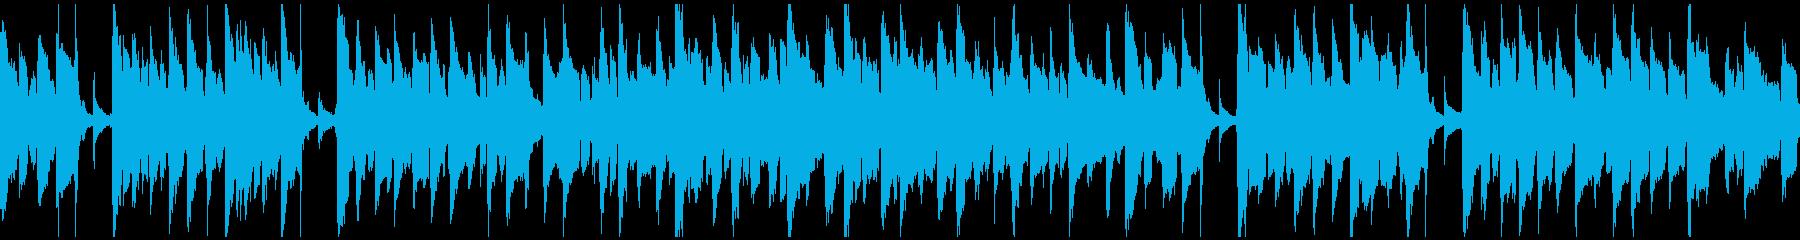 脱力リコーダー、ぐうたら、怠惰※ループ版の再生済みの波形